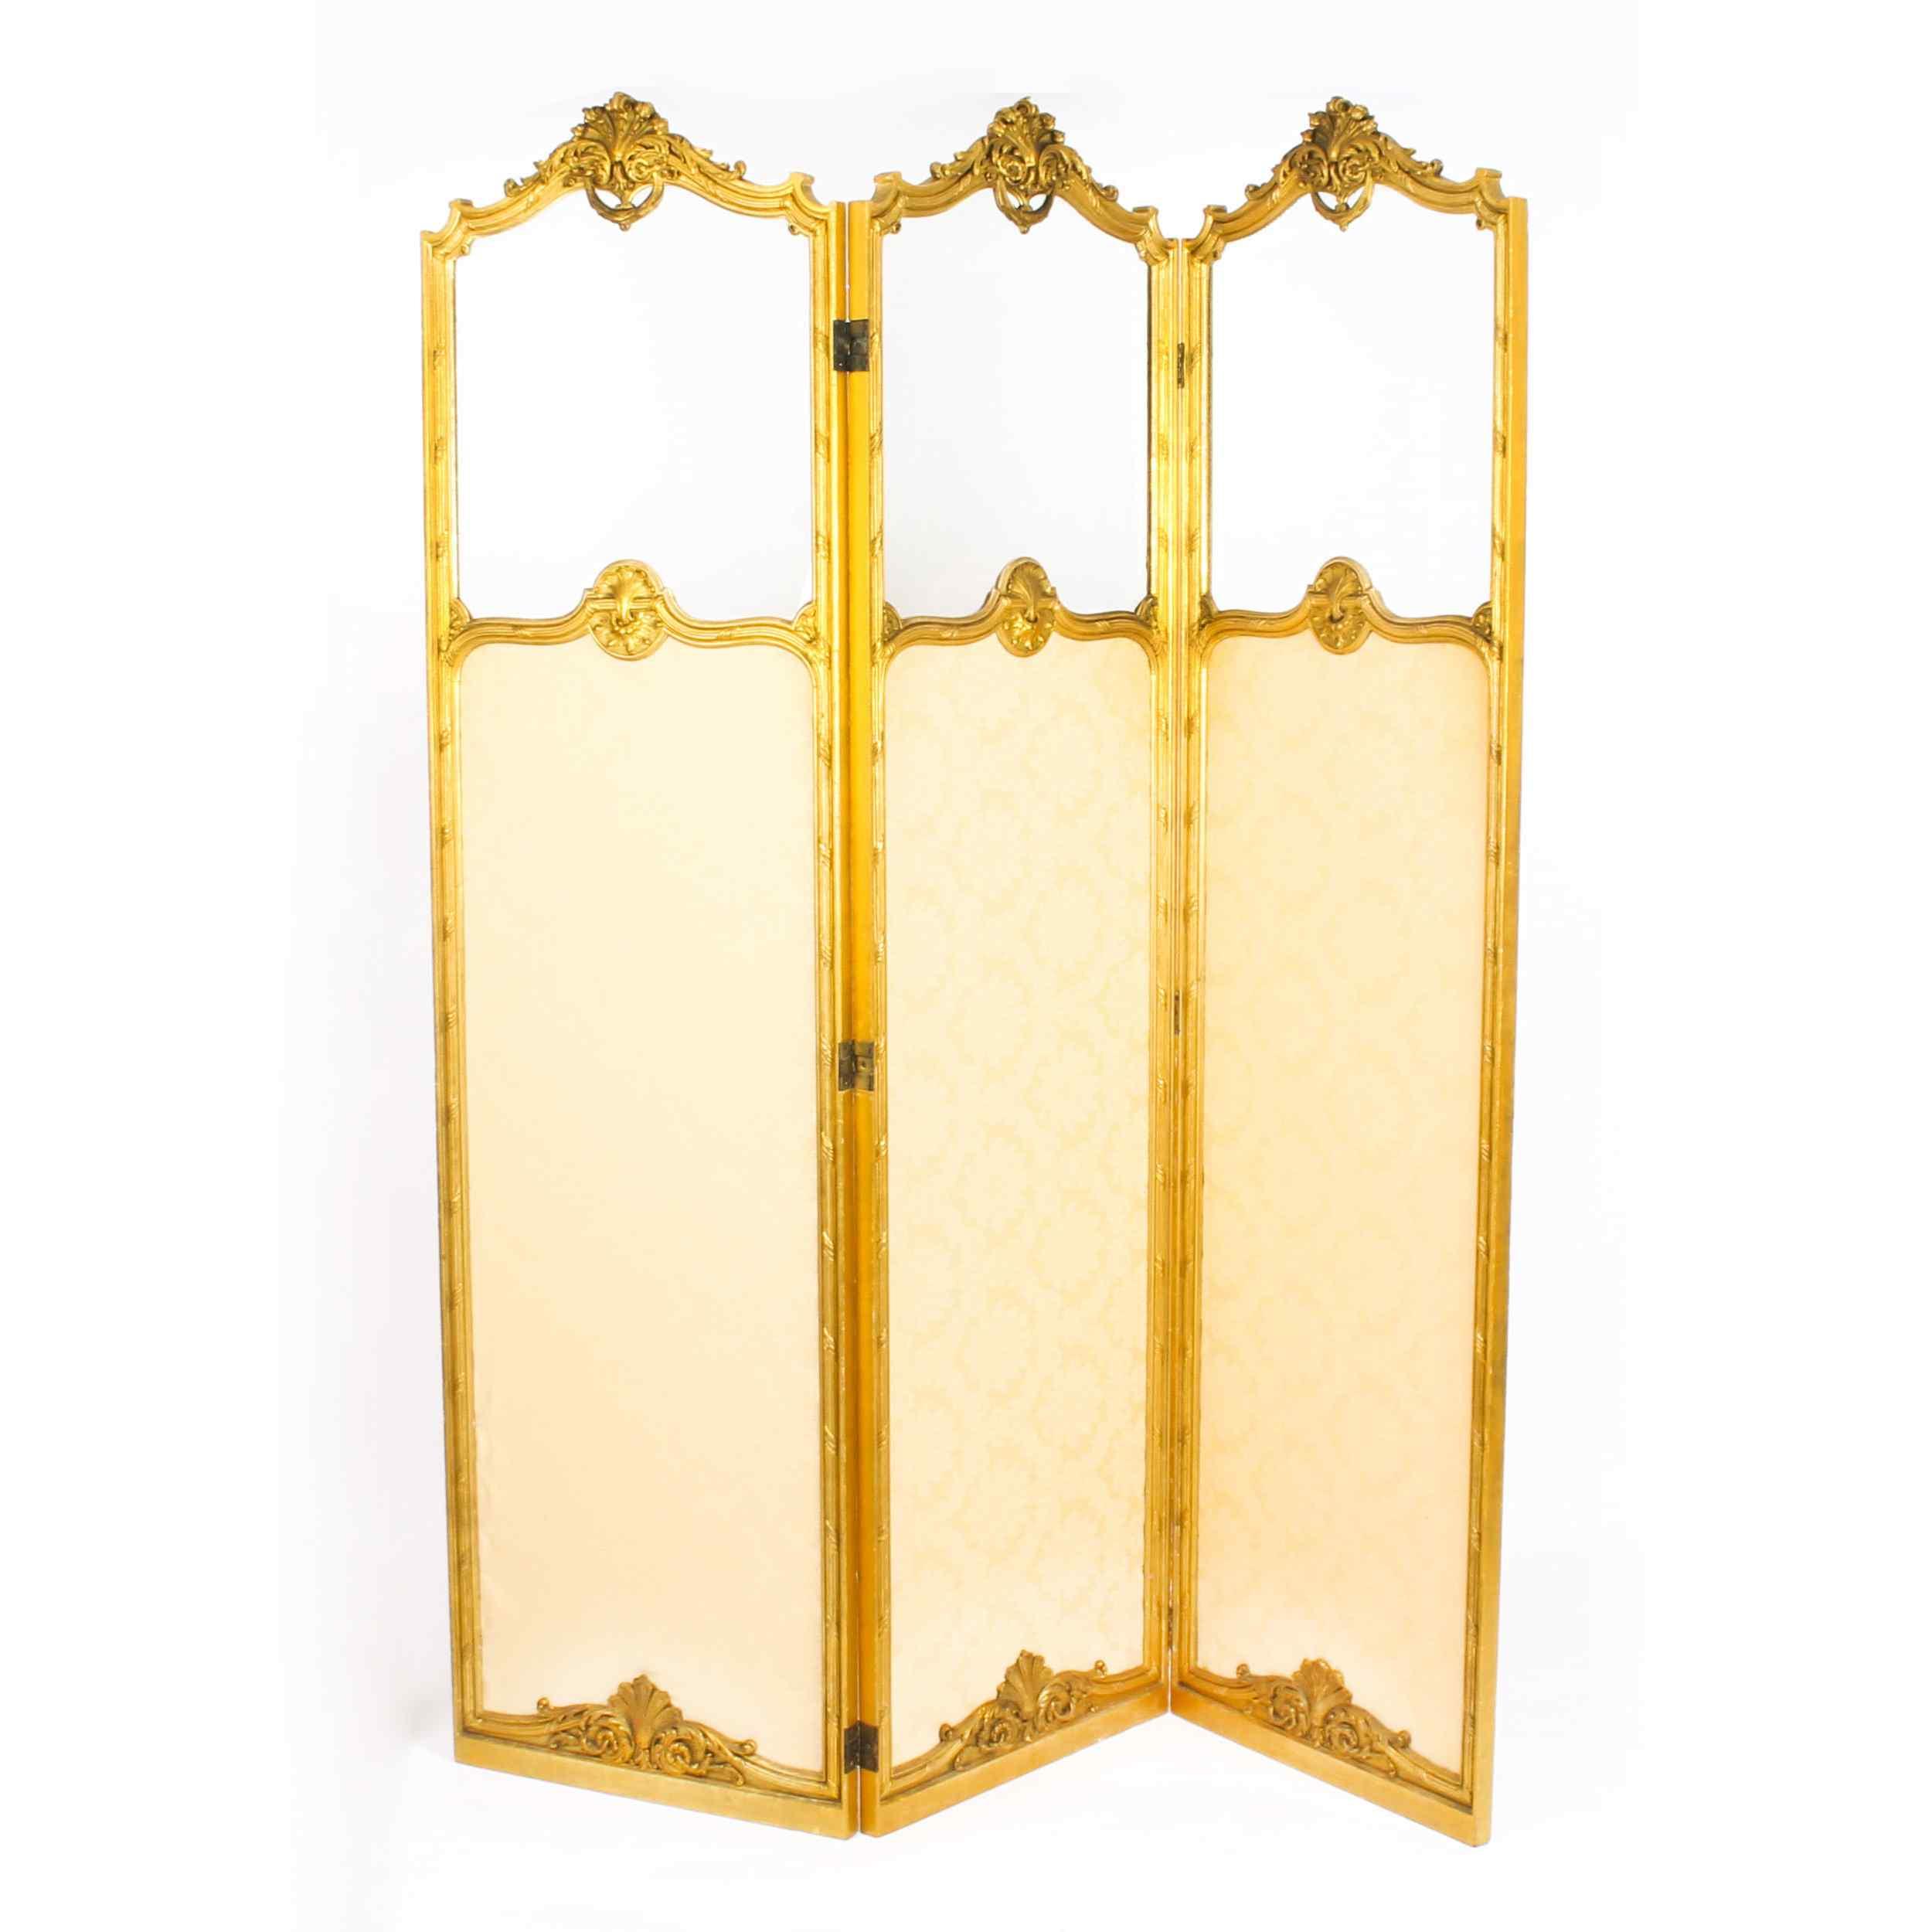 Paravento a tre ante antico in legno dorato francese XIX sec